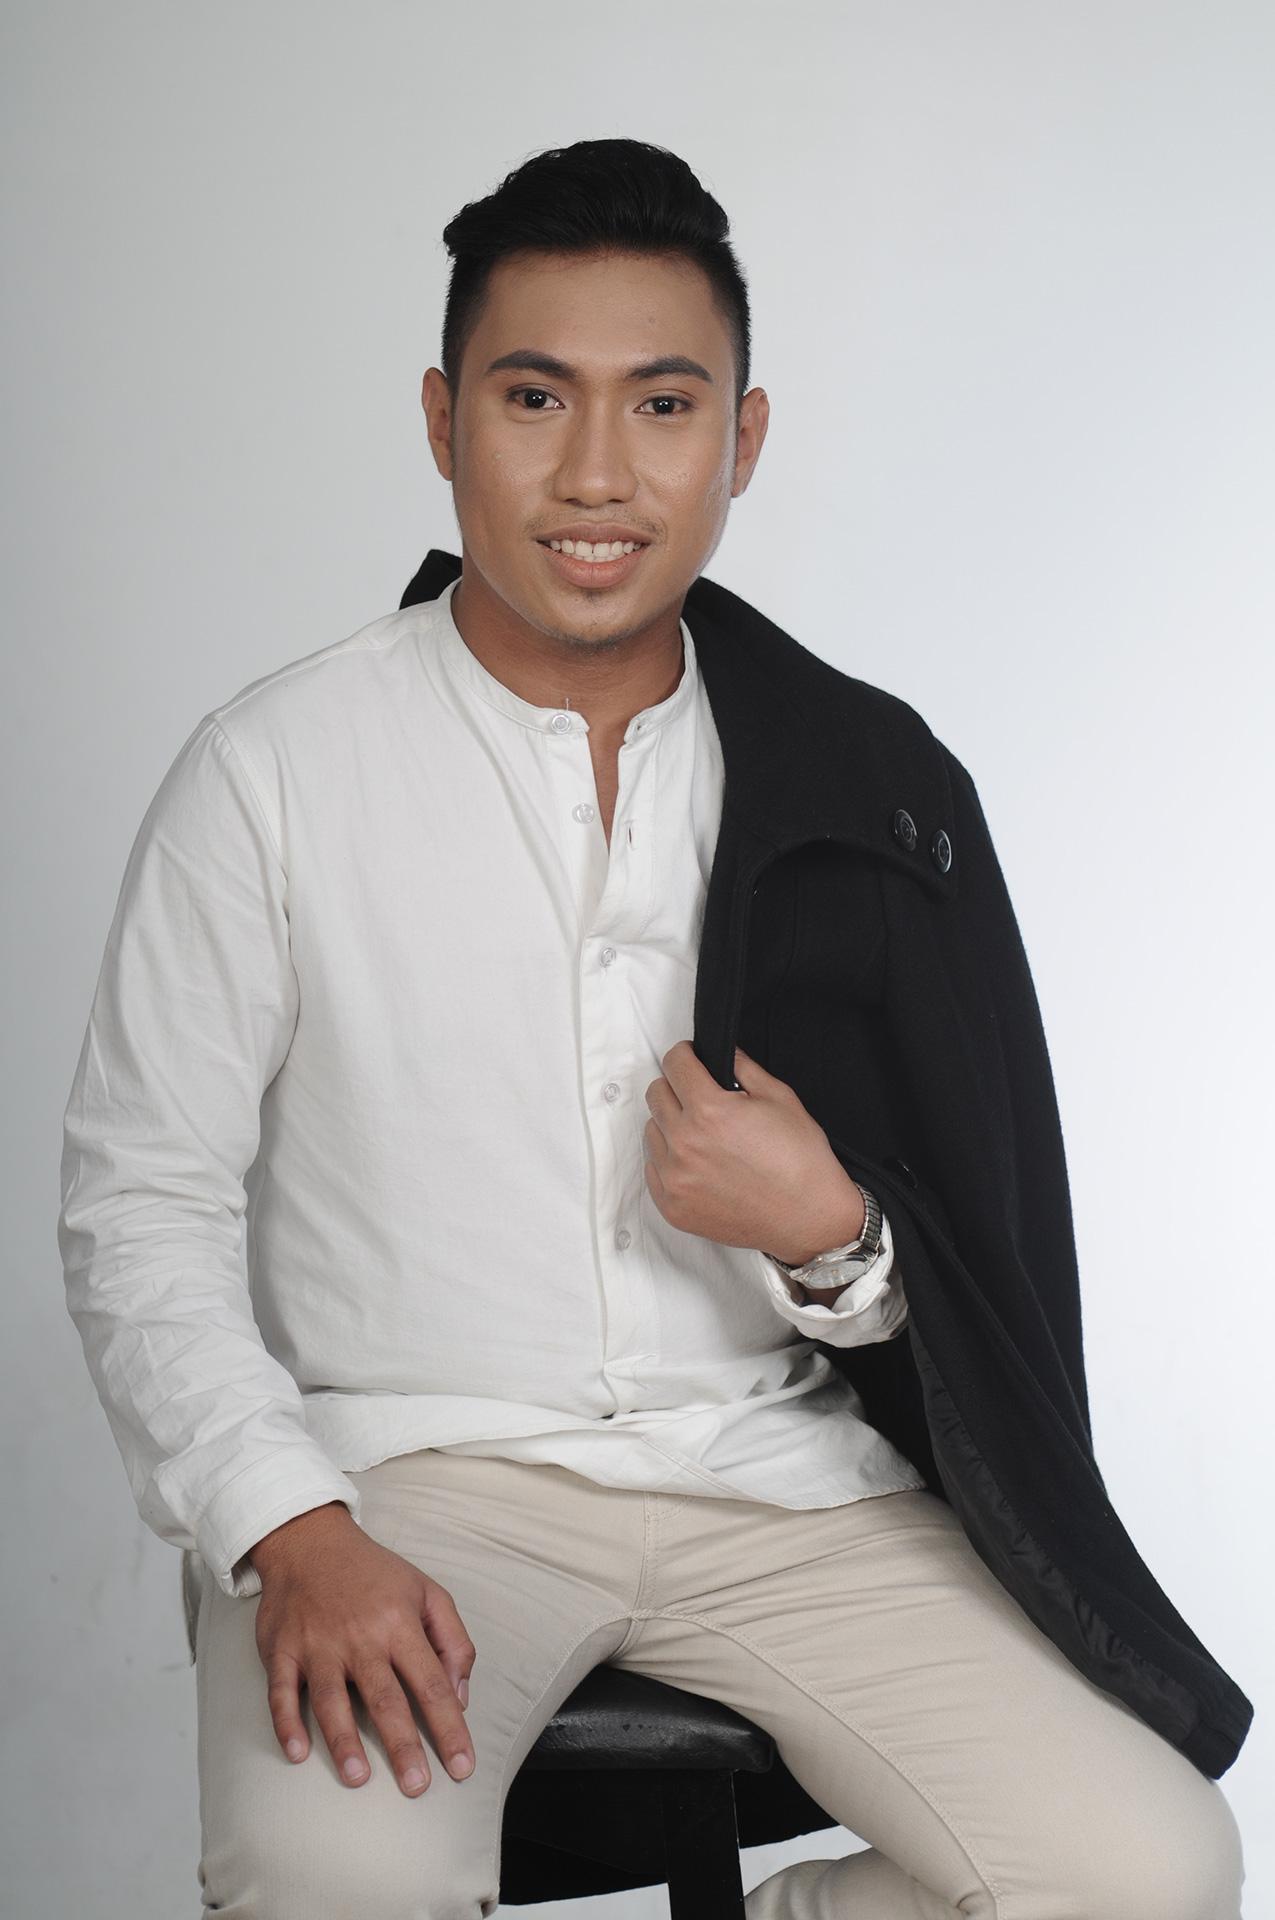 >> Baluto par Jeffrey E. Dela Cruz, Philippines